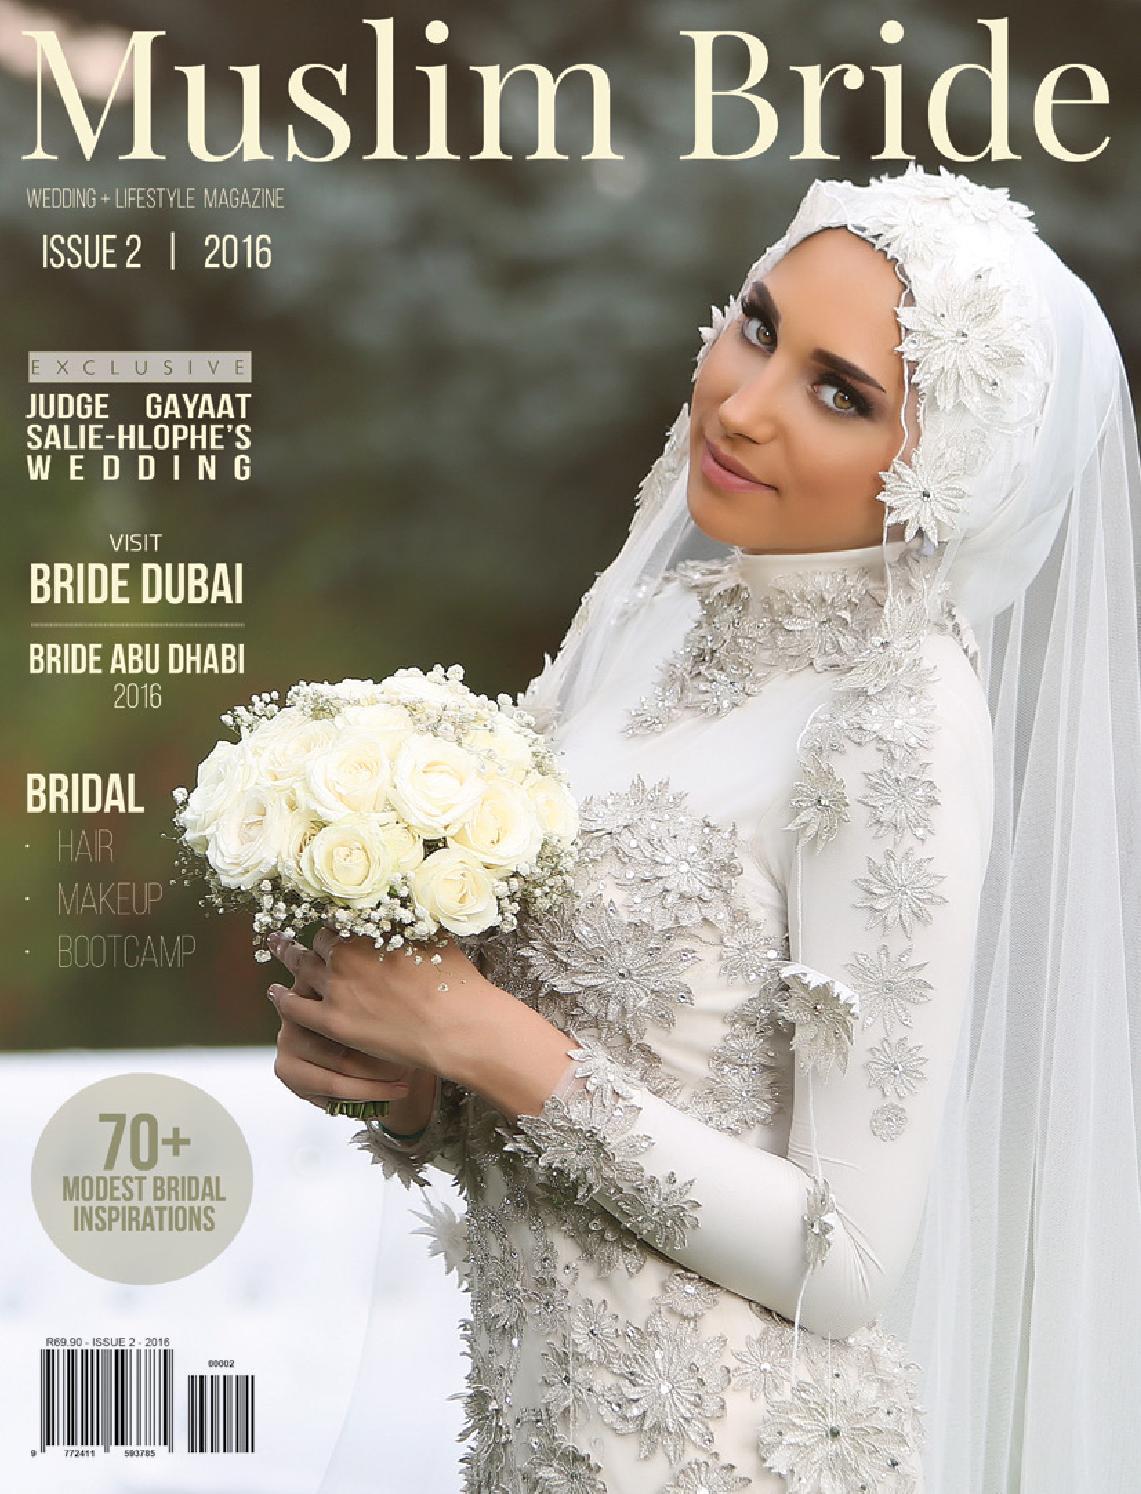 Muslim Bride Magazine Issue 2 By Muslim Bride Magazine